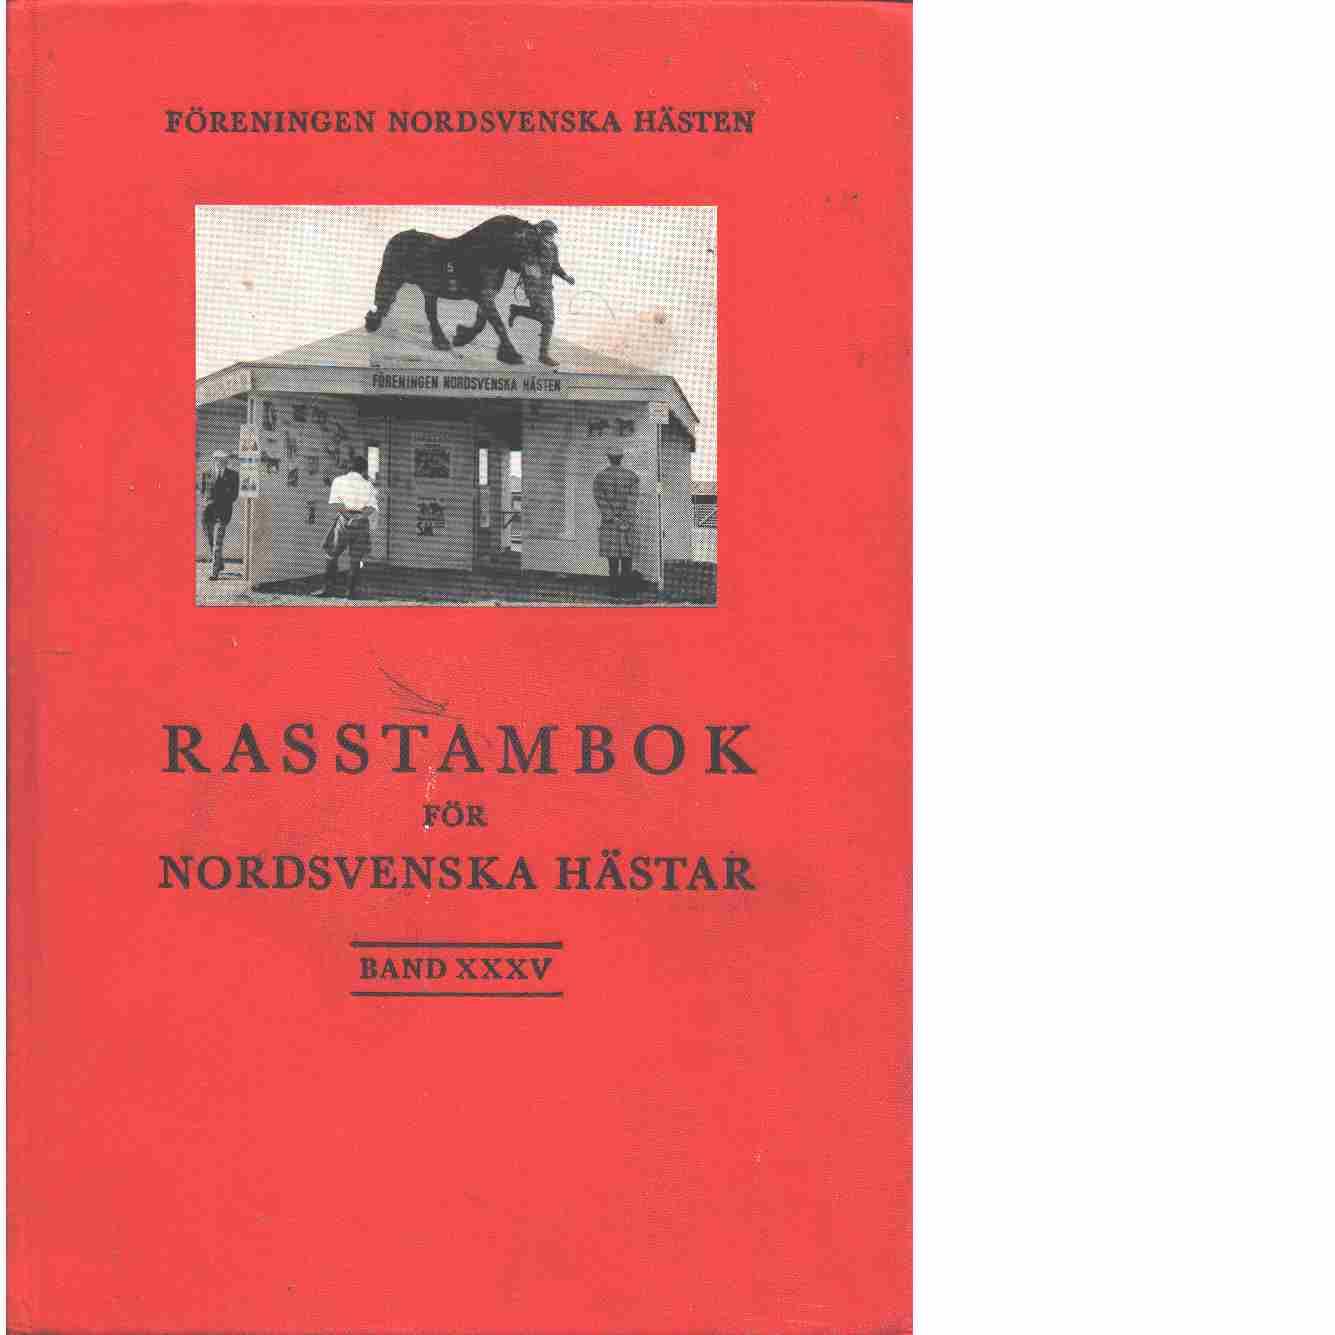 Rasstambok för nordsvenska hästar.  Band XXXV - Red. Föreningen Nordsvenska hästen